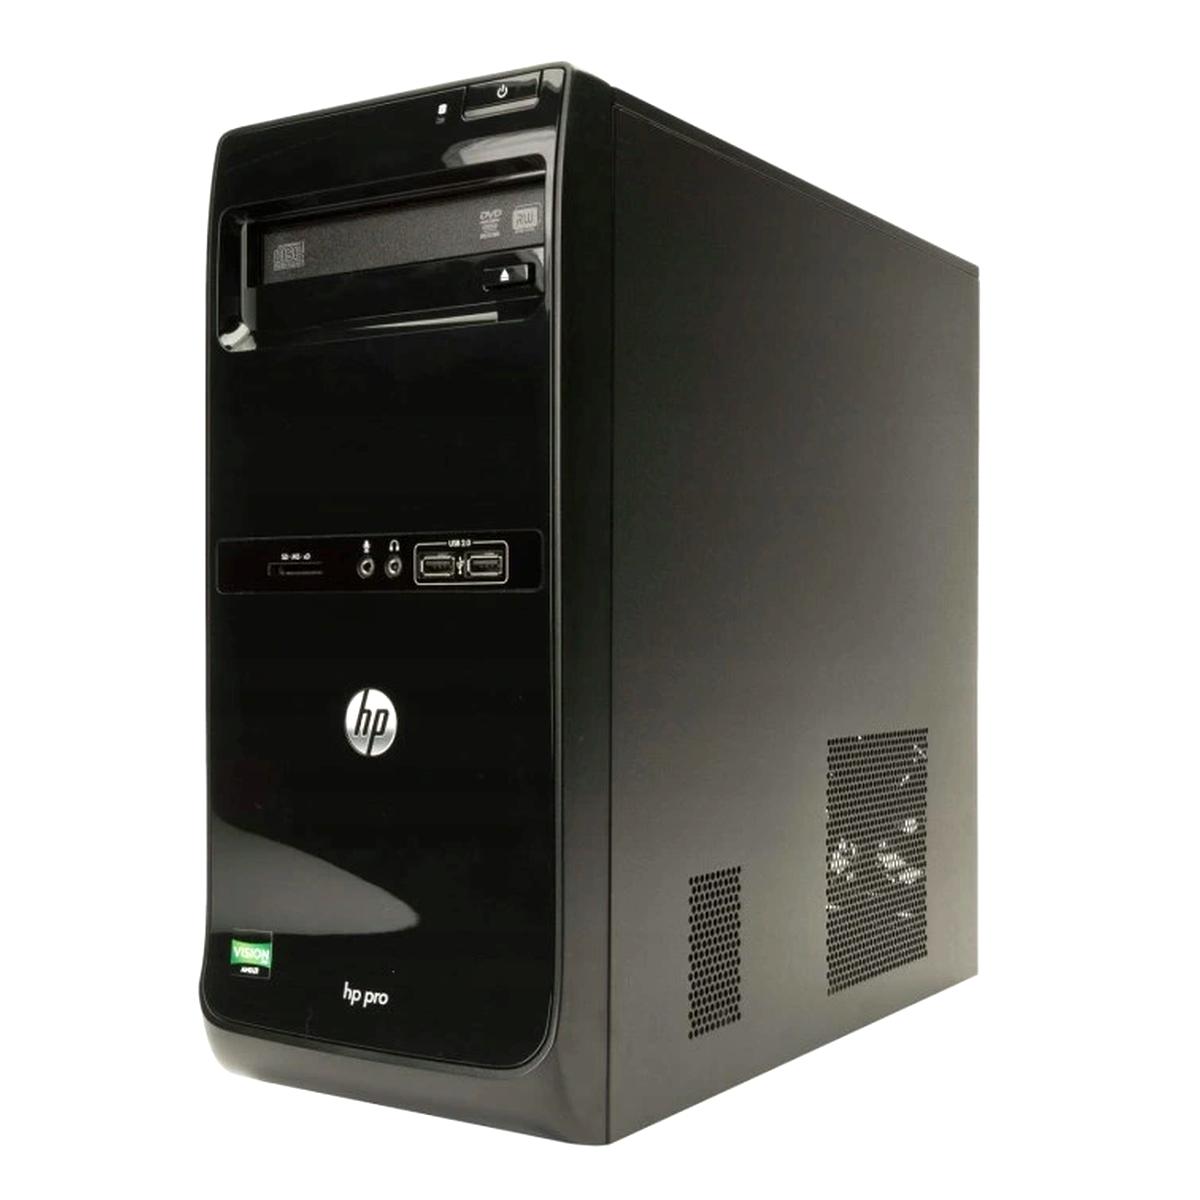 HP PRO 3500 MT i5-3470 4GB 500GB SATA WIN10